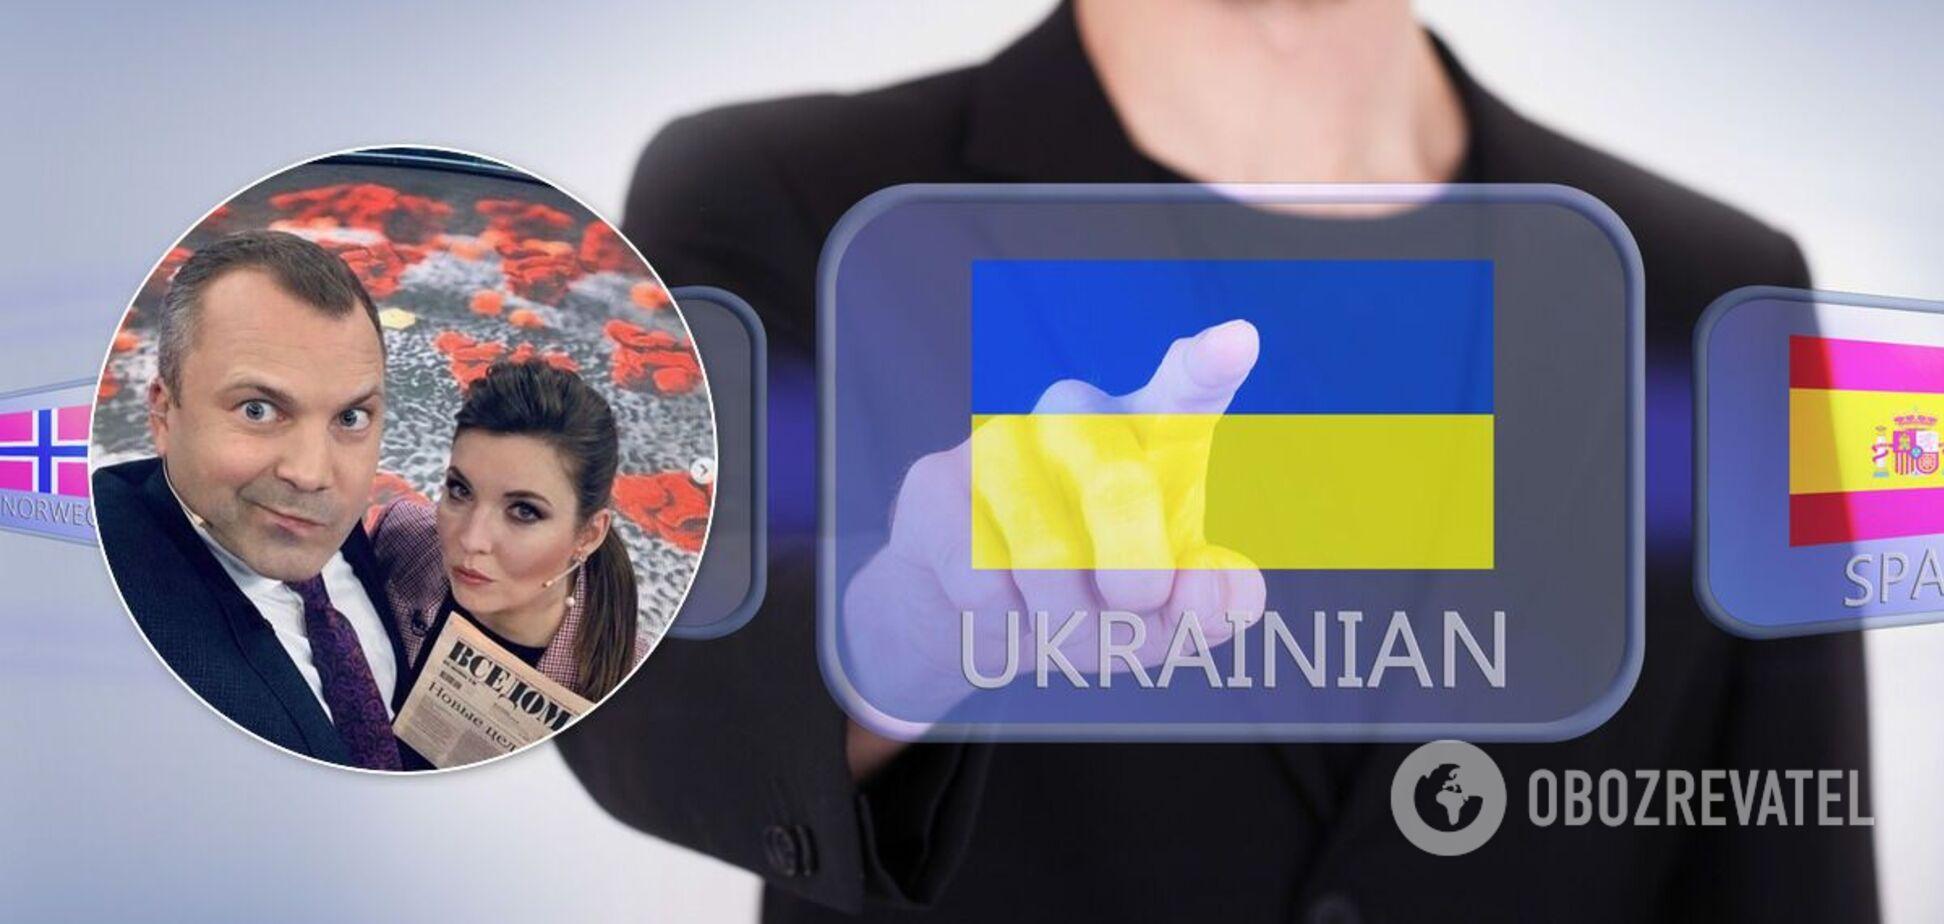 Навіщо Росія знову взялася захищати українців в Україні. Без російської мови не зіб'єш і чобота